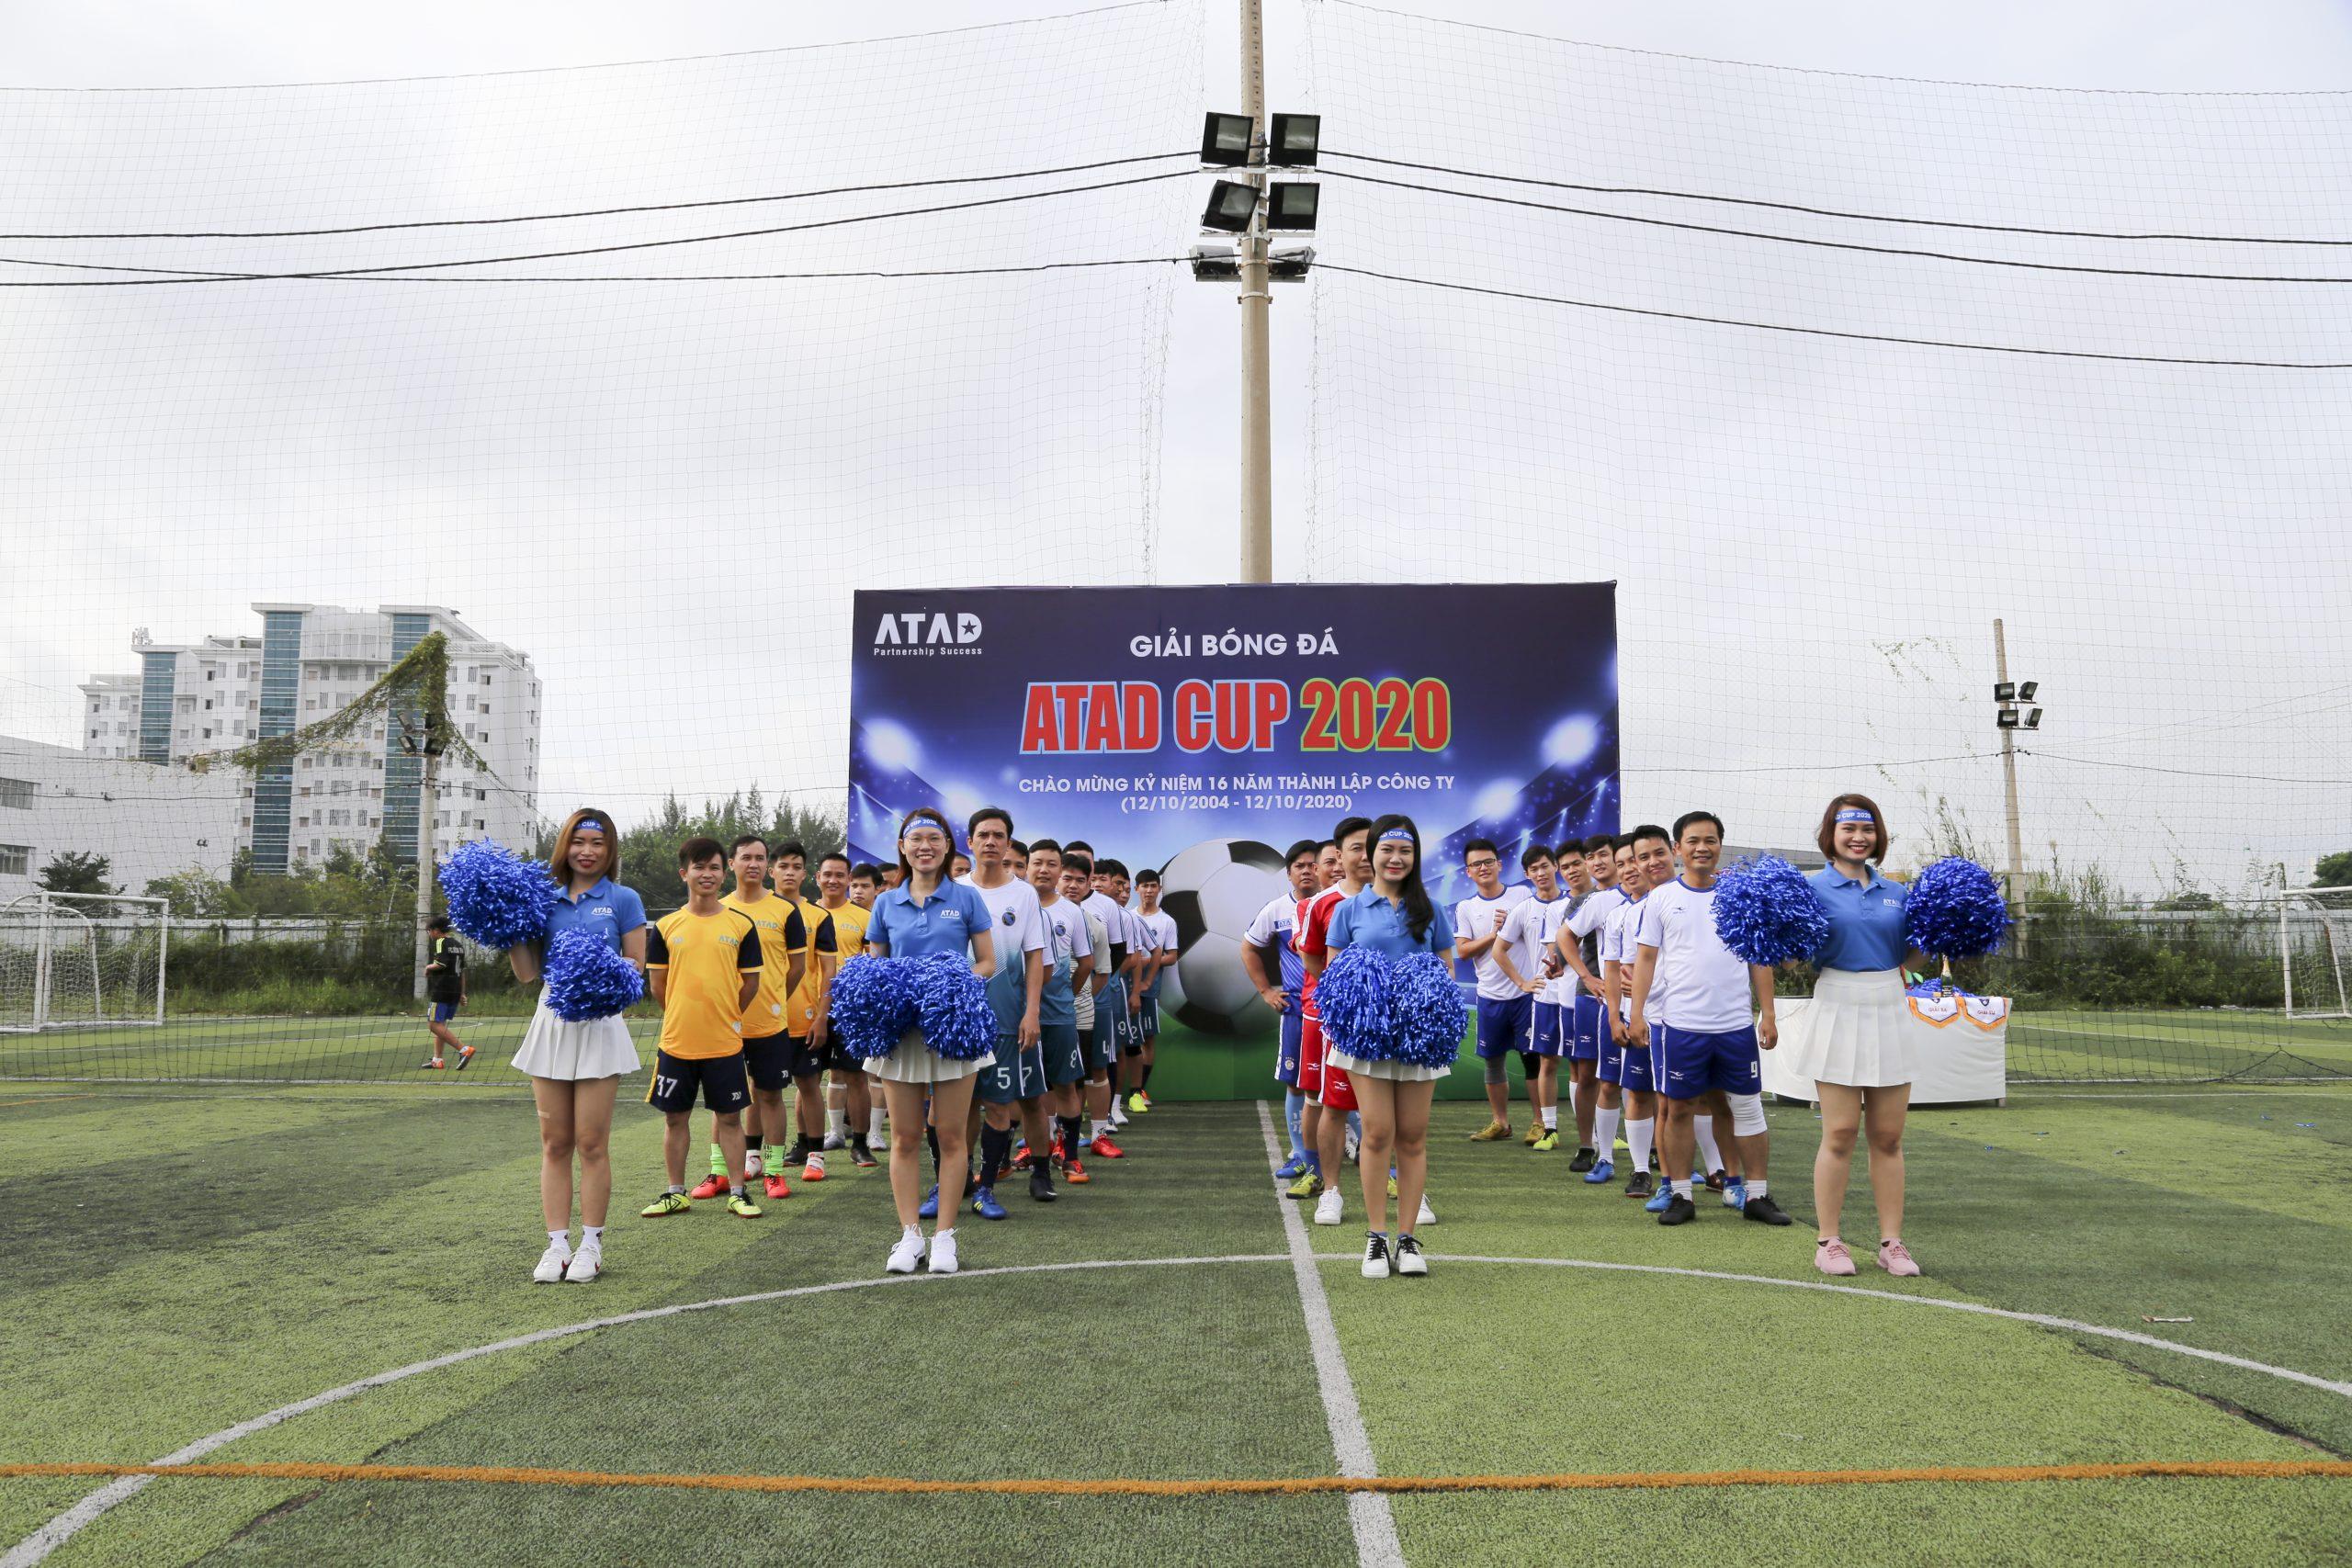 庆祝公司成立16年的令人兴奋的2020 ATAD杯足球赛